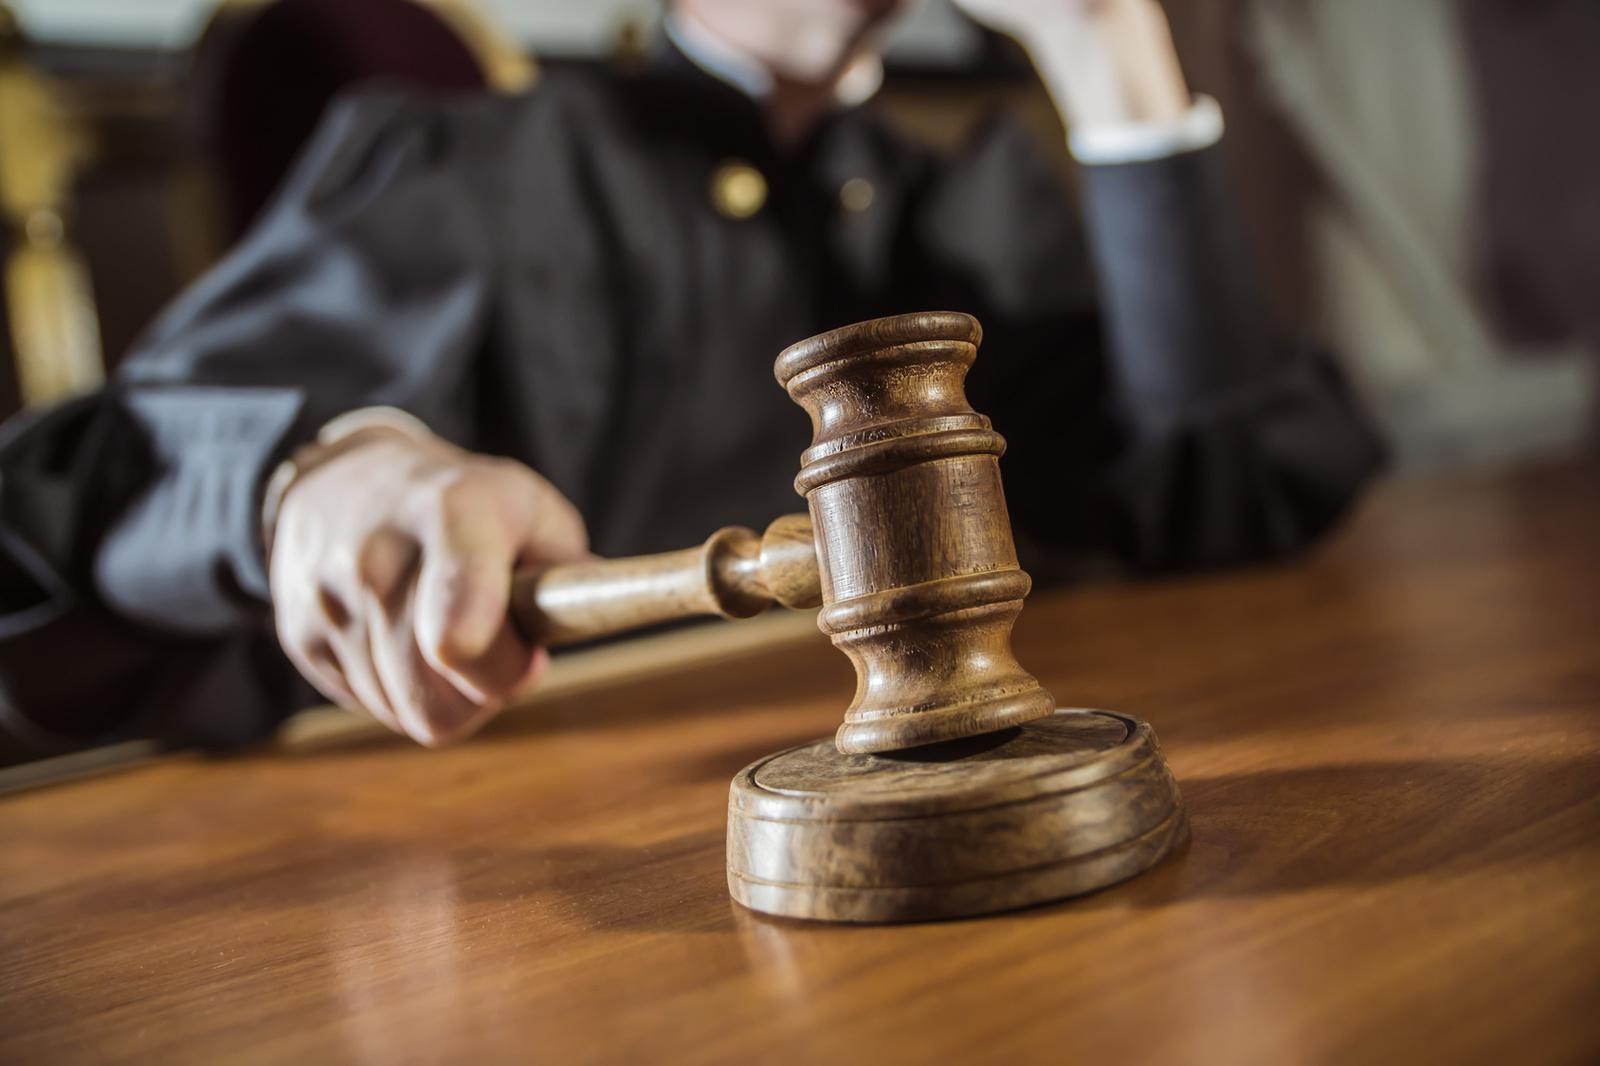 Суд оштрафовал иркутянина за открытки с фюрером и дуче – Победа РФ